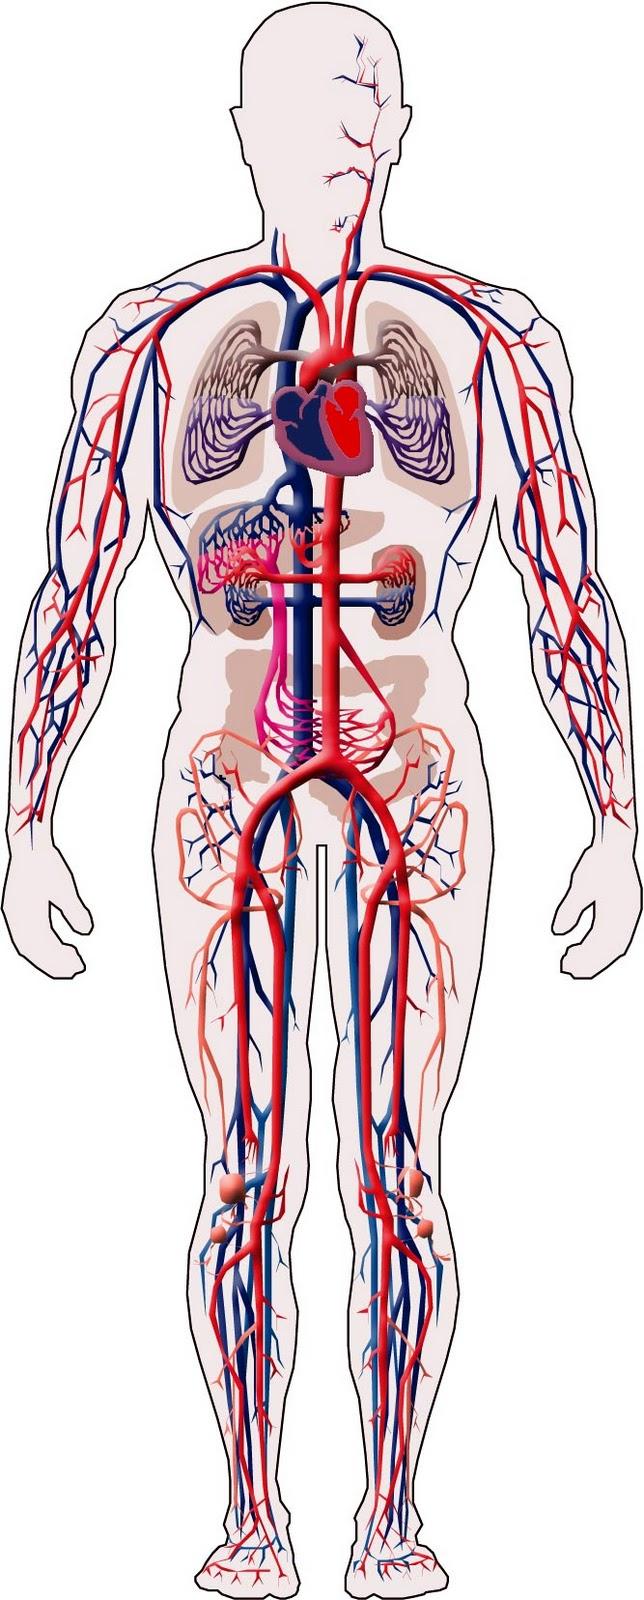 Sistema Circulatorio: Conceptos generales